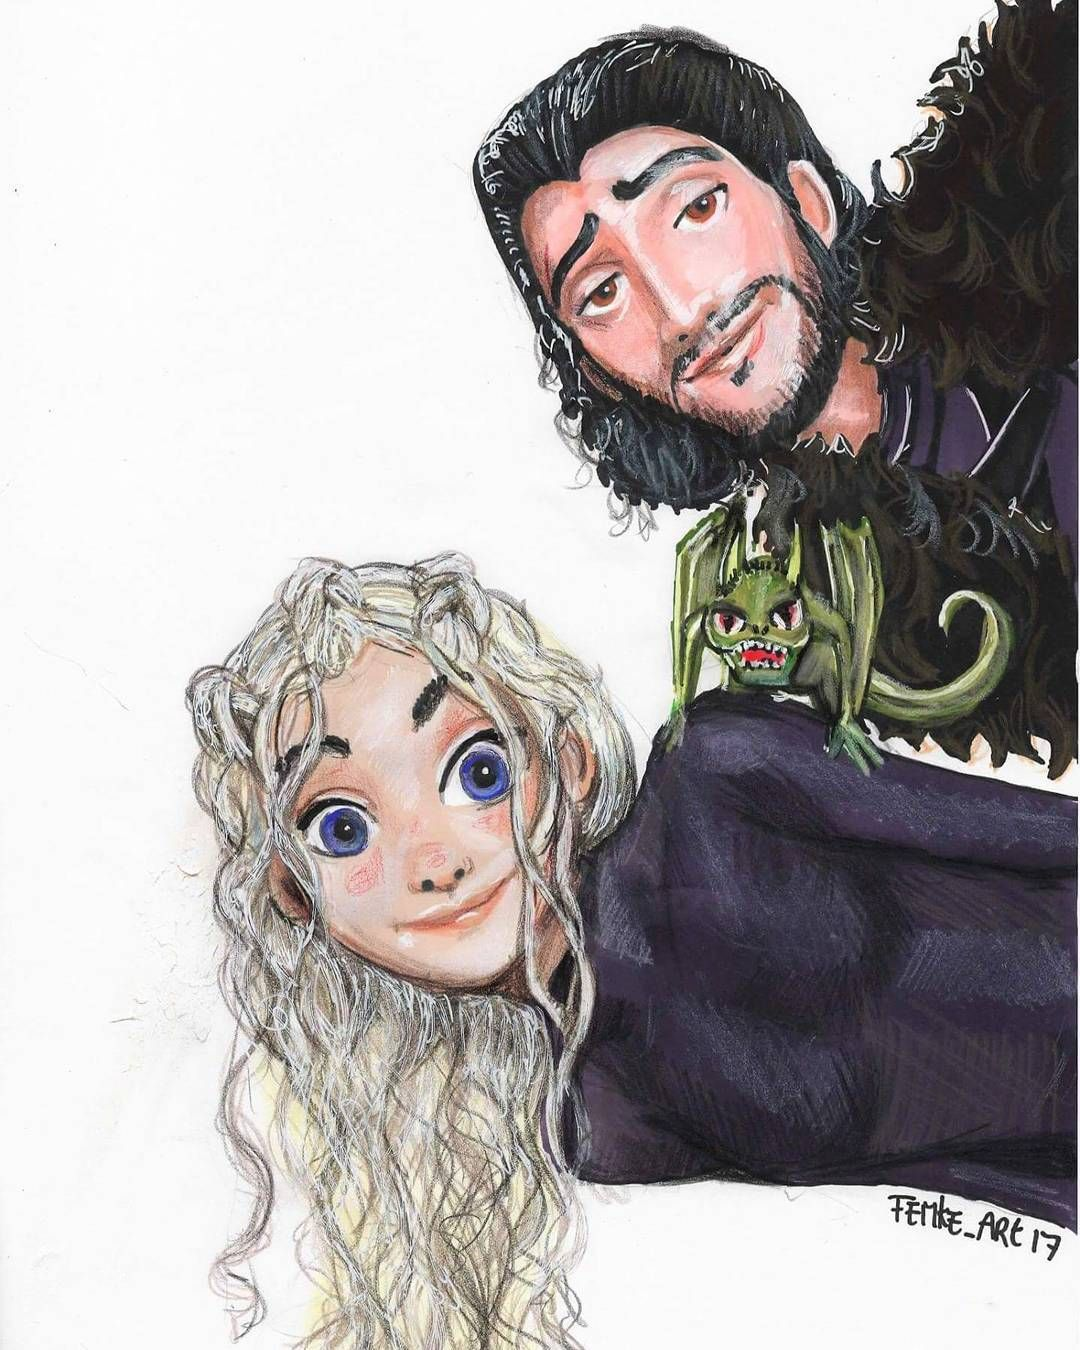 [NO SPOILERS] Jon Snow and Daenerys fan creation by Femke